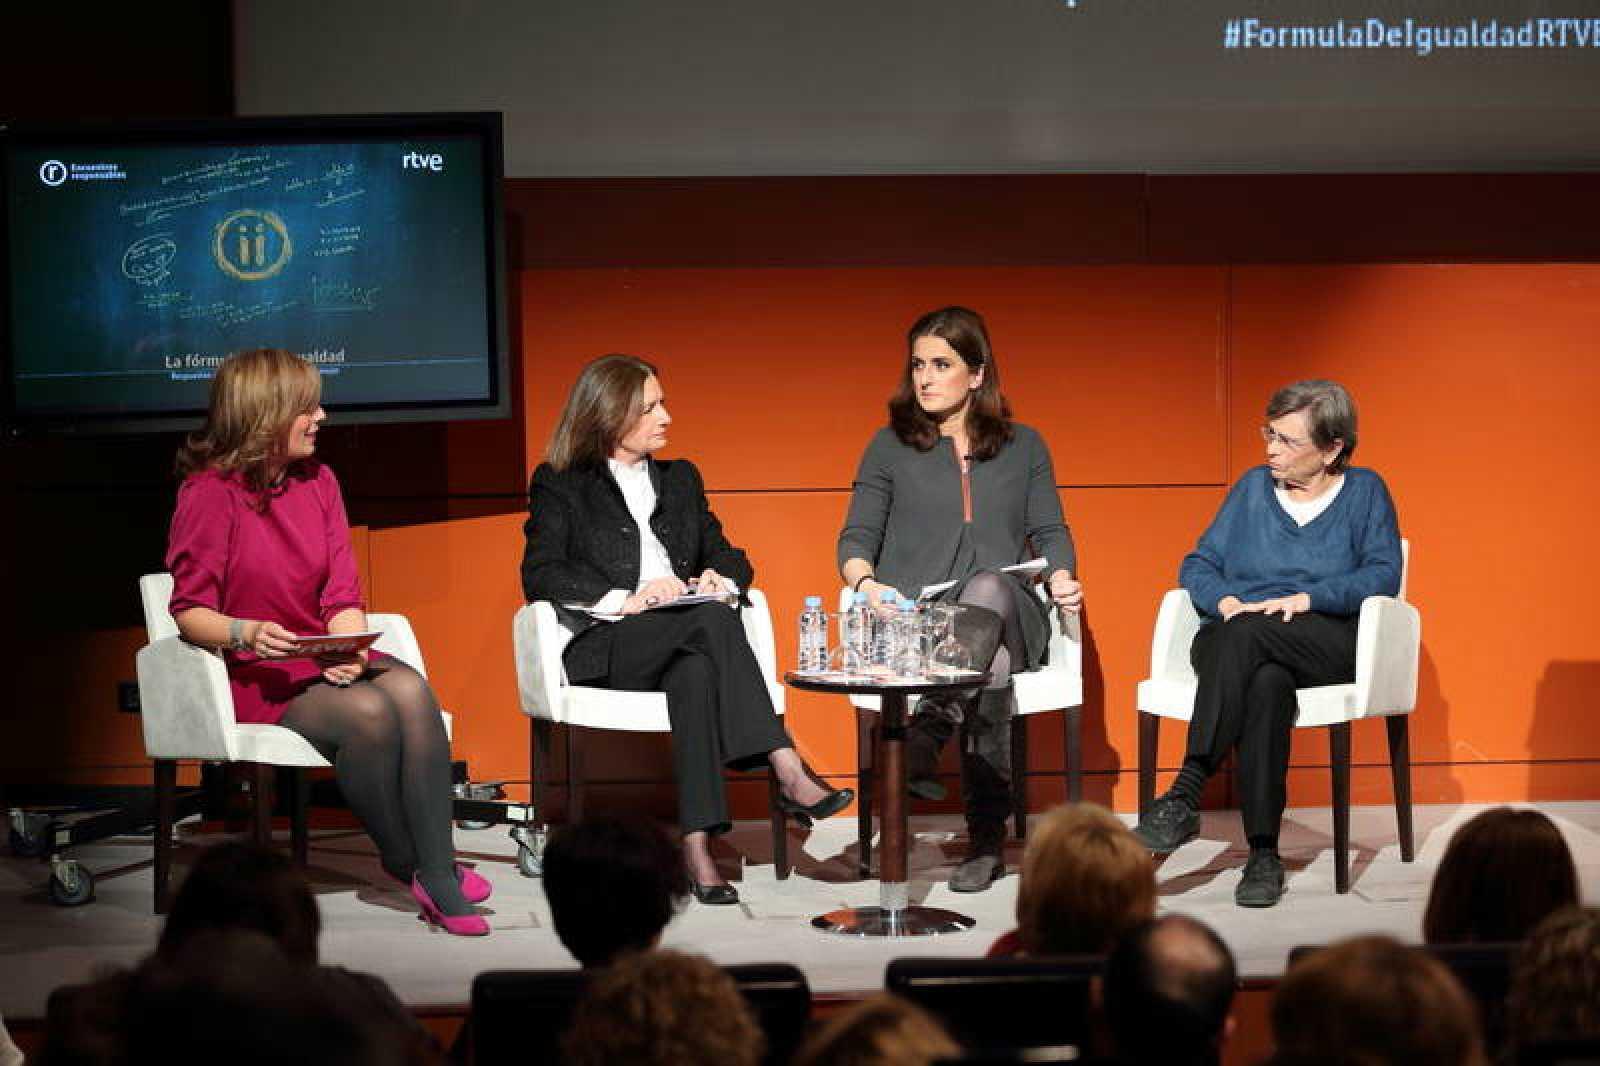 María Eizaguirre, Marisa Ciriza, Paloma Urgorri y Eulalia Lledó en el Encuentro Responsable sobre Igualdad